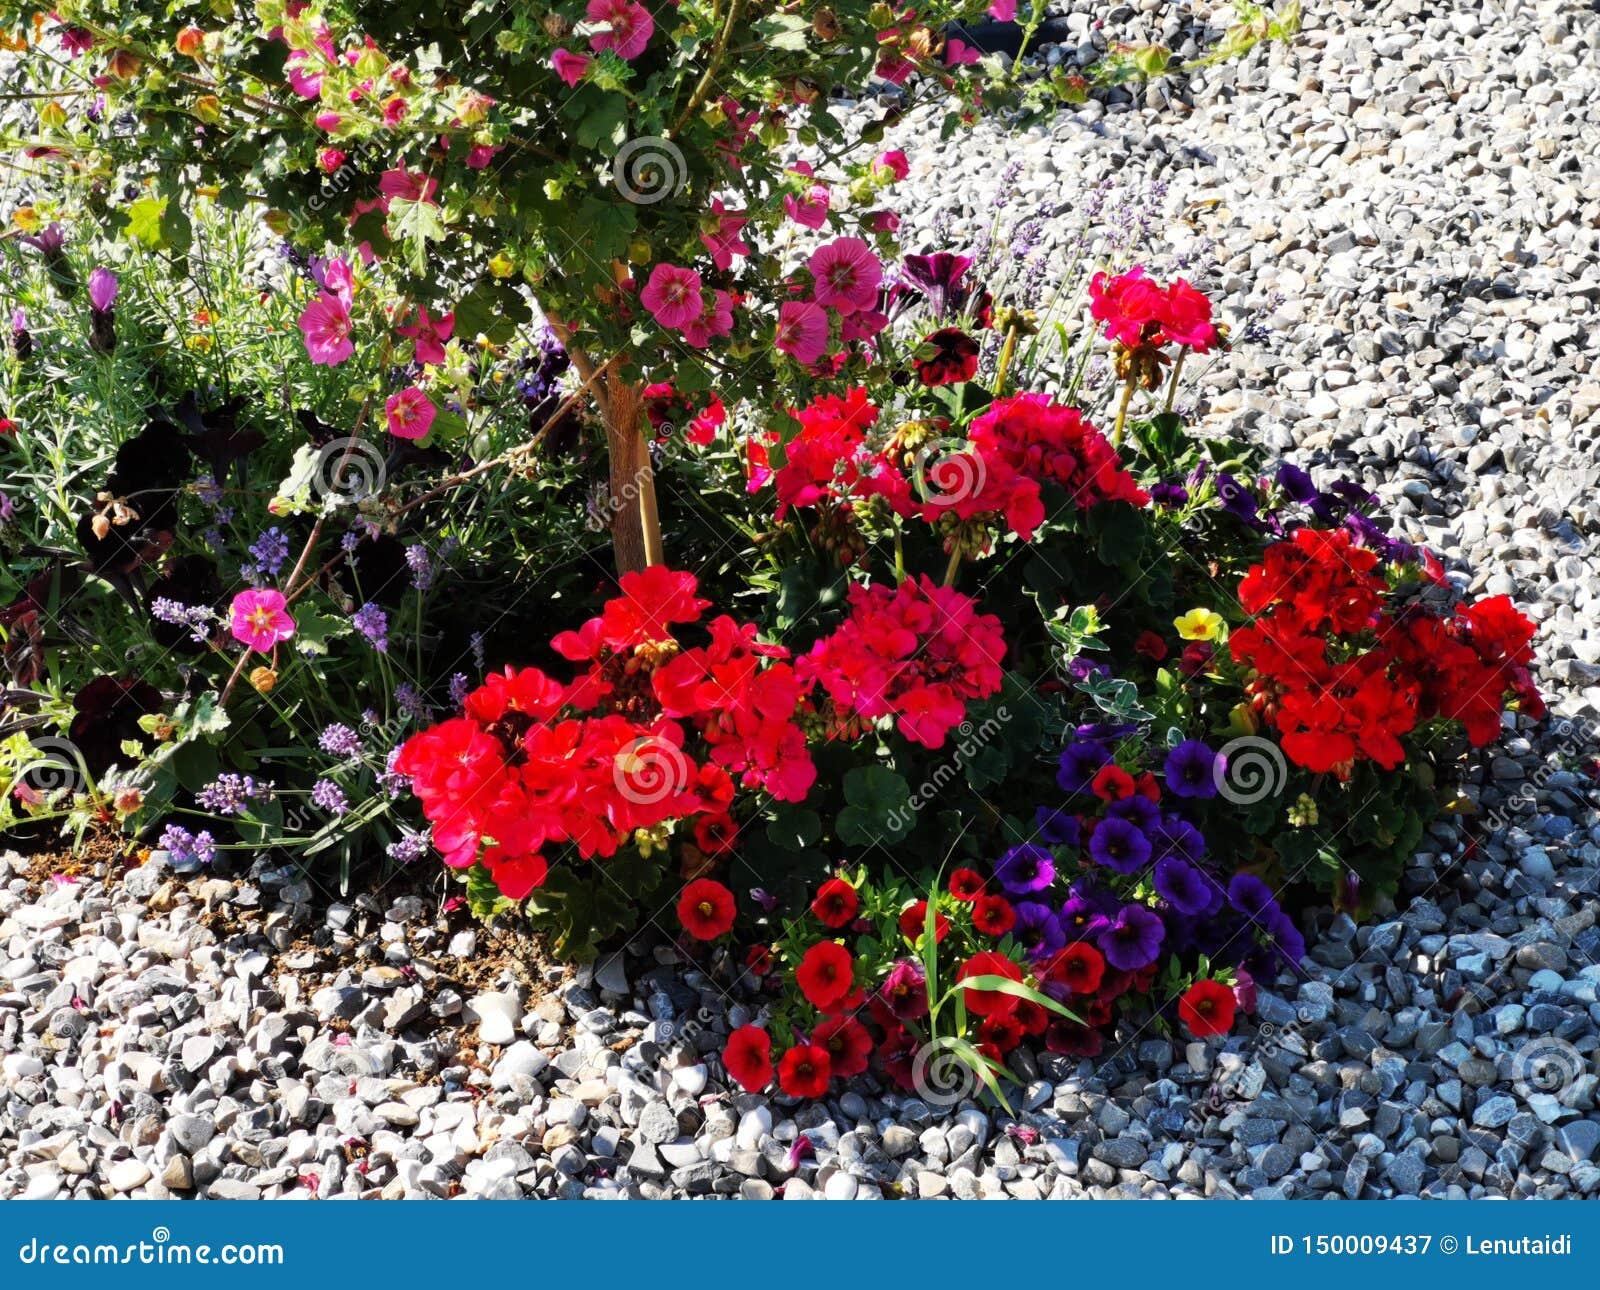 Διακοσμητικά ζωηρόχρωμα λουλούδια στο αμμοχάλικο - πετούνια